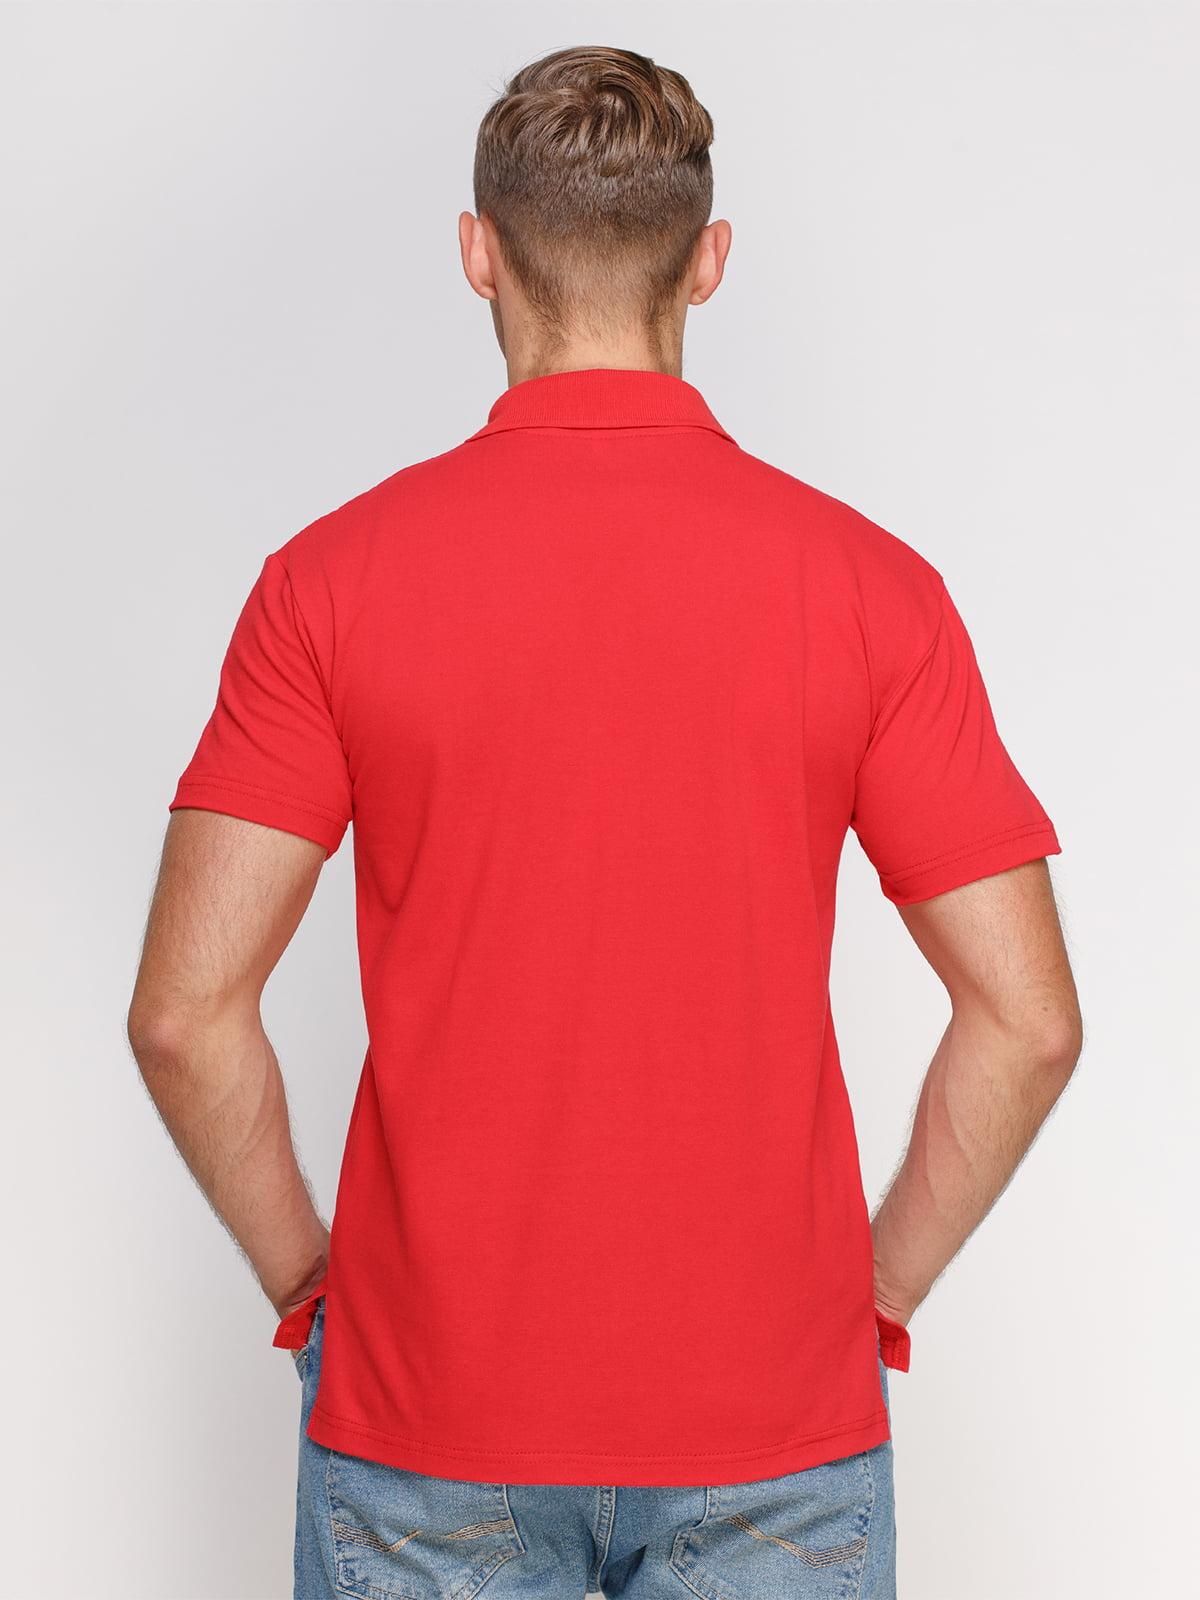 Футболка-поло красная | 4578321 | фото 2